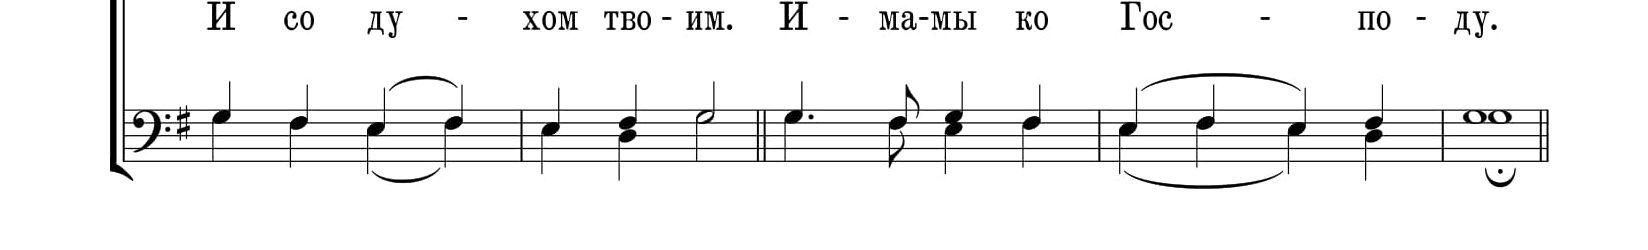 Милость мира (музыка игумена Силуана №13)